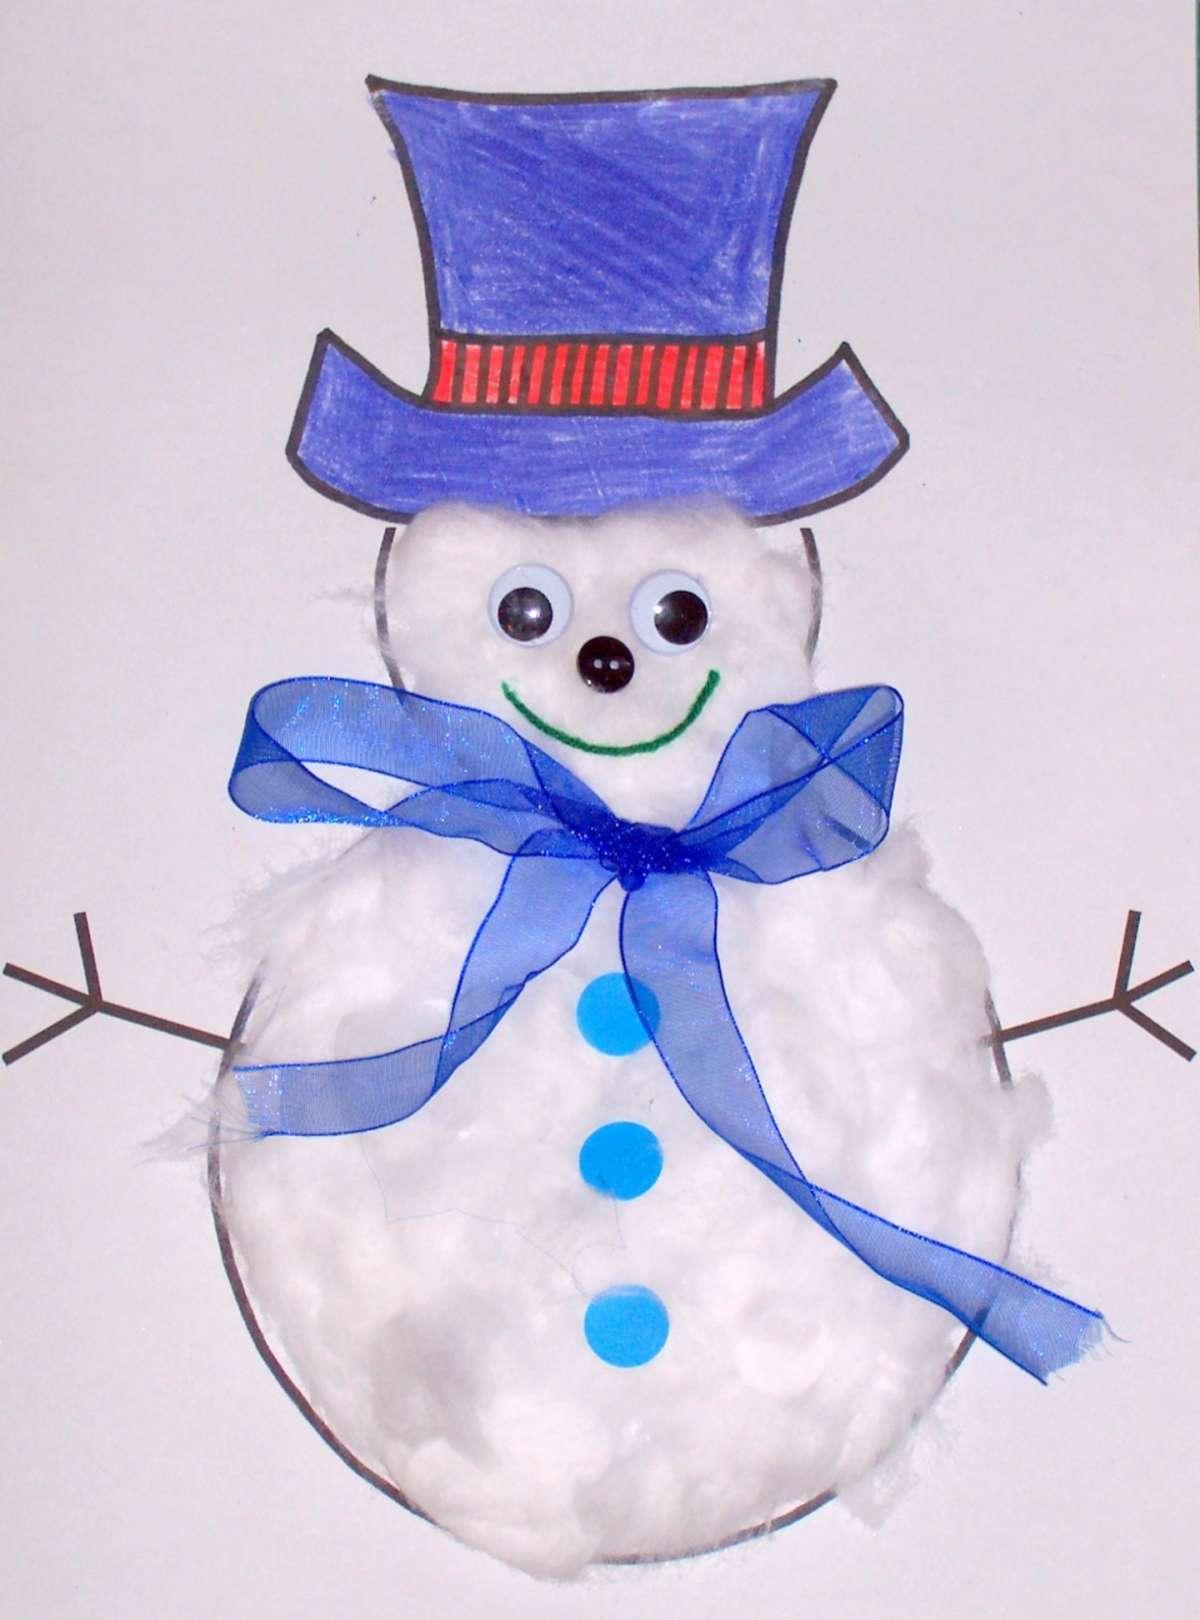 Lavoretti Di Natale Per Bambini Scuola Infanzia Immagini.Lavoretti Per Natale Per La Scuola Dell Infanzia Foto Video